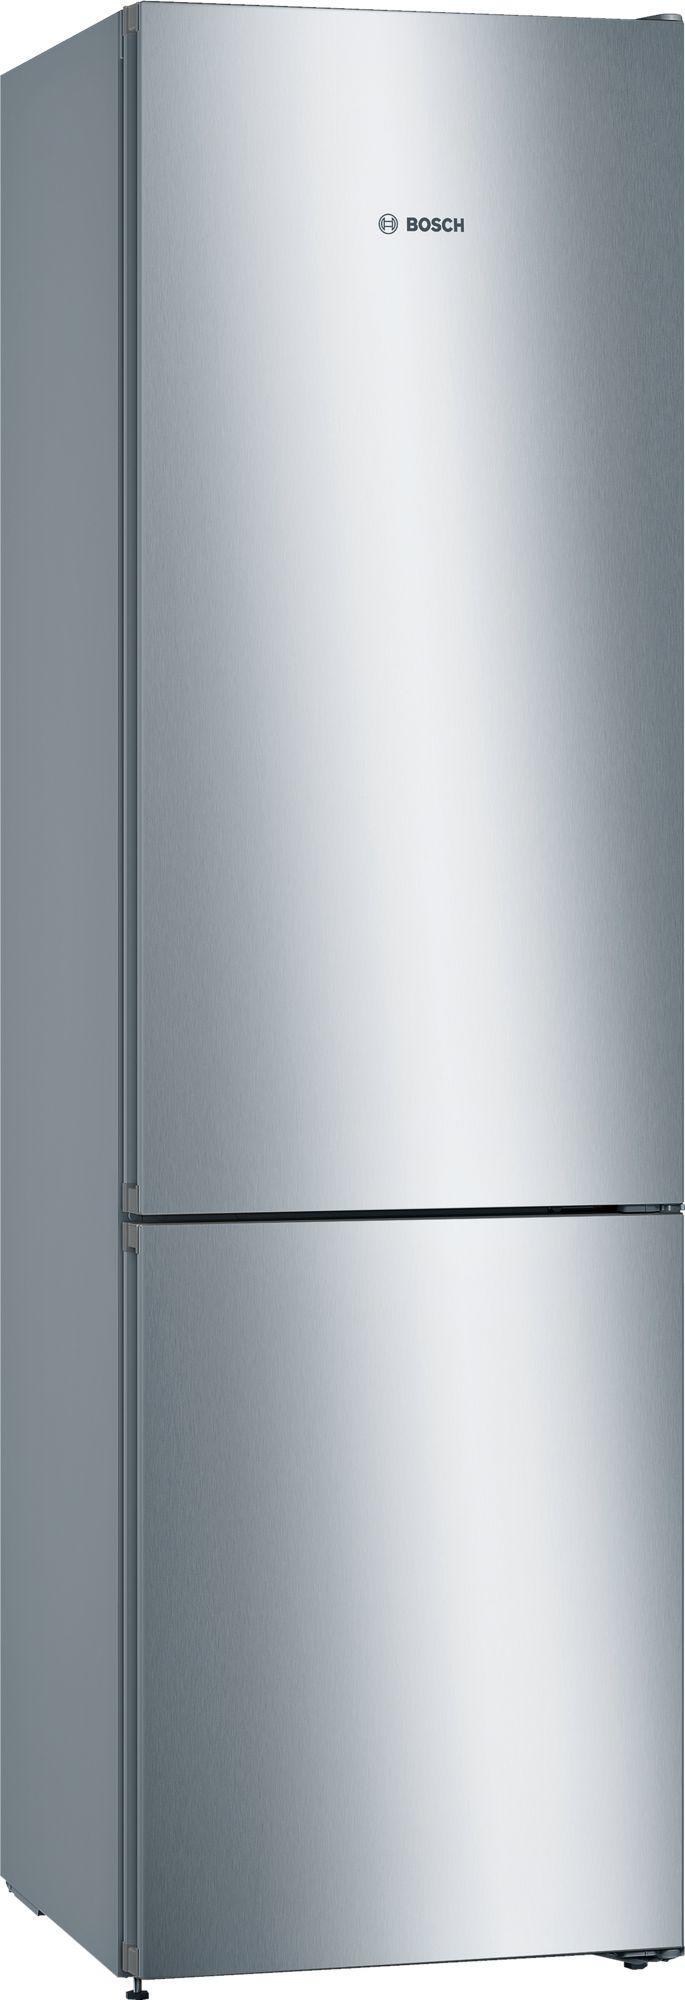 Image of Serie 4 KGN39VLEAG 60cm 366 Litre No Frost Fridge Freezer | Silver Innox